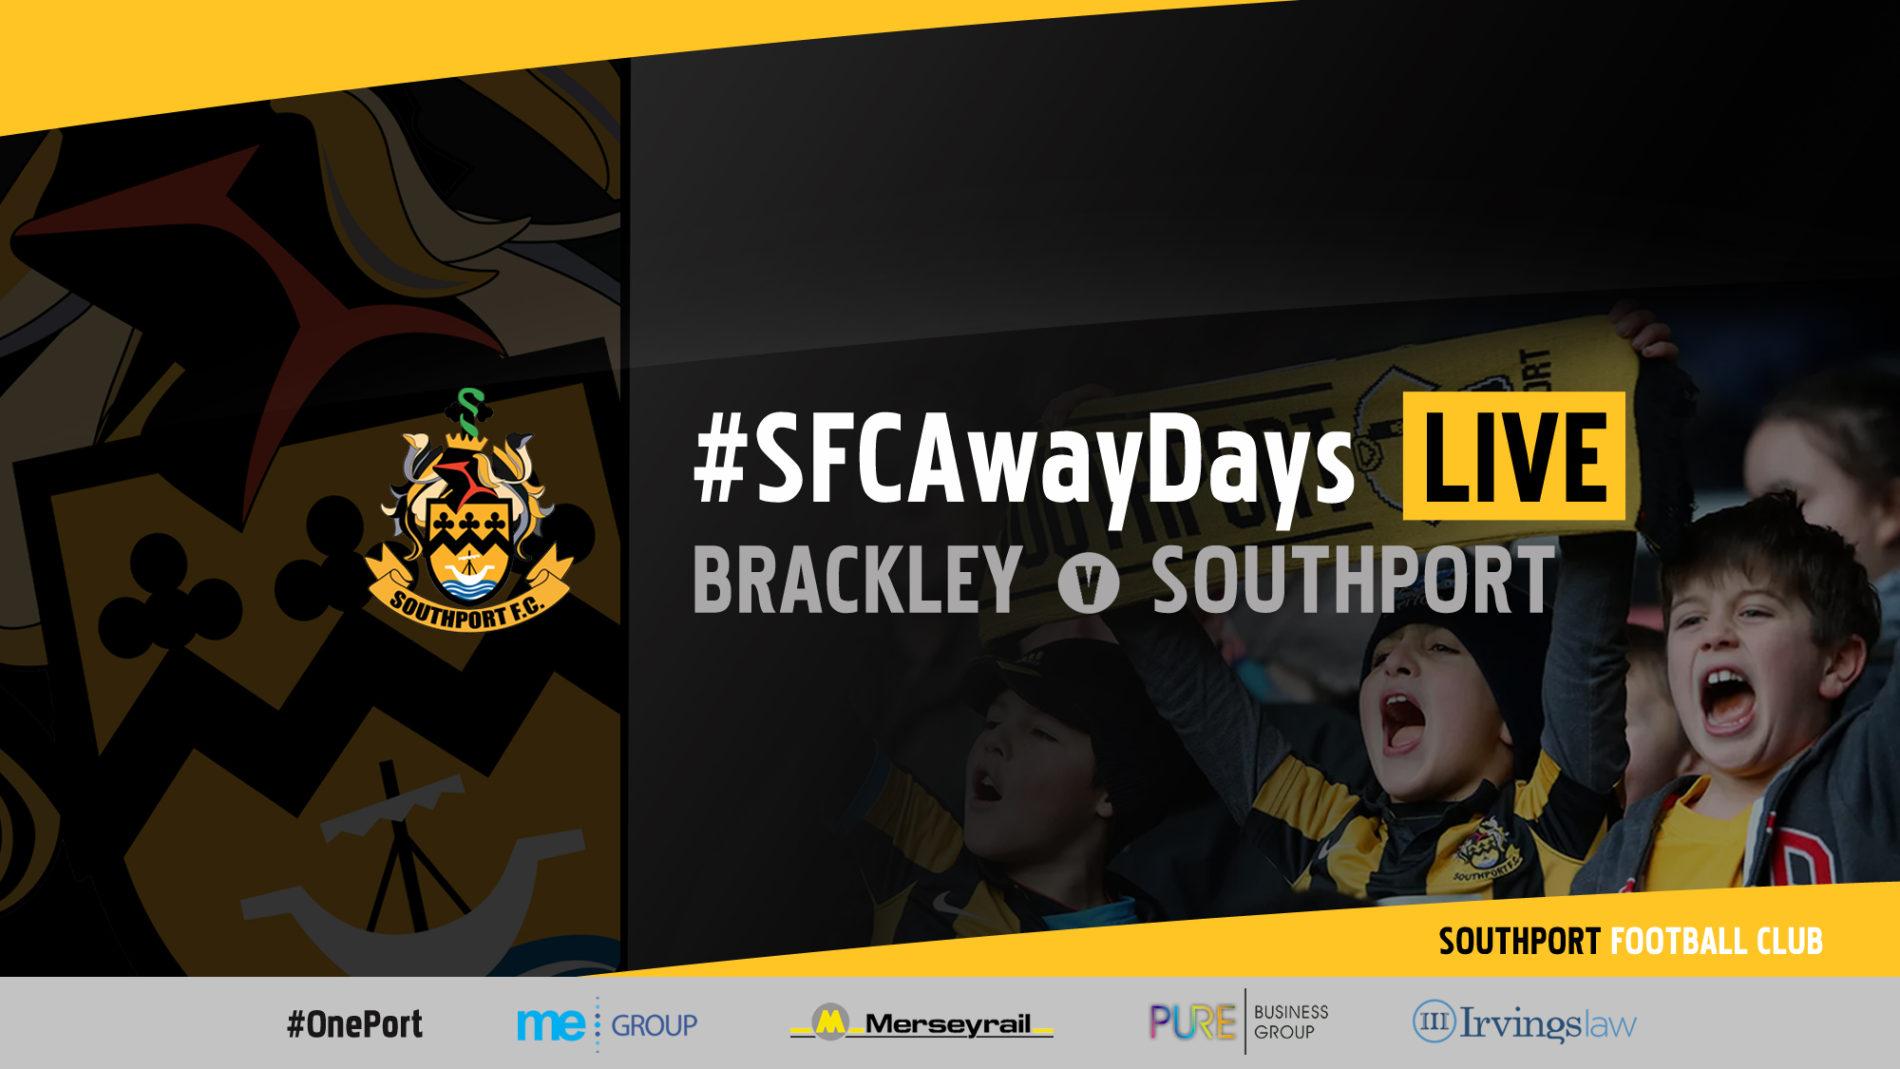 #SFCAwayDays LIVE | Brackley Town v Southport